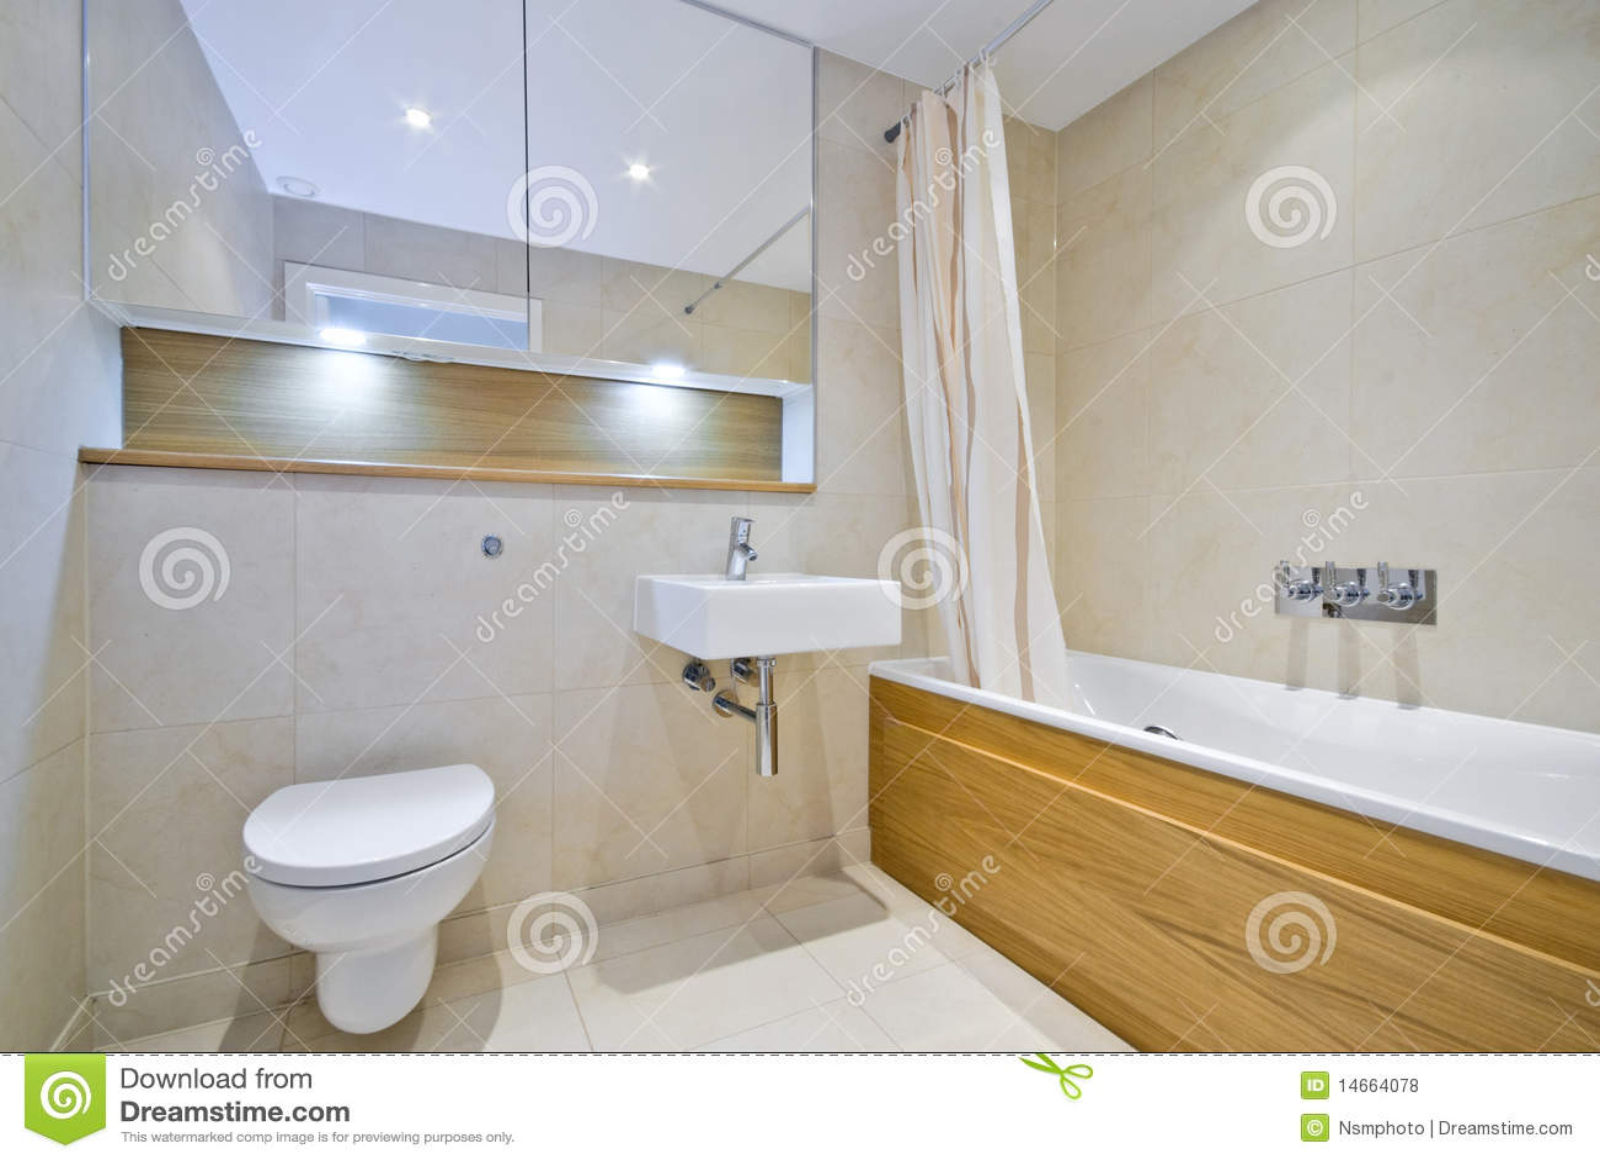 Vasca Da Bagno Disegno : Stanza da bagno moderna con la grande vasca di bagno nel beige